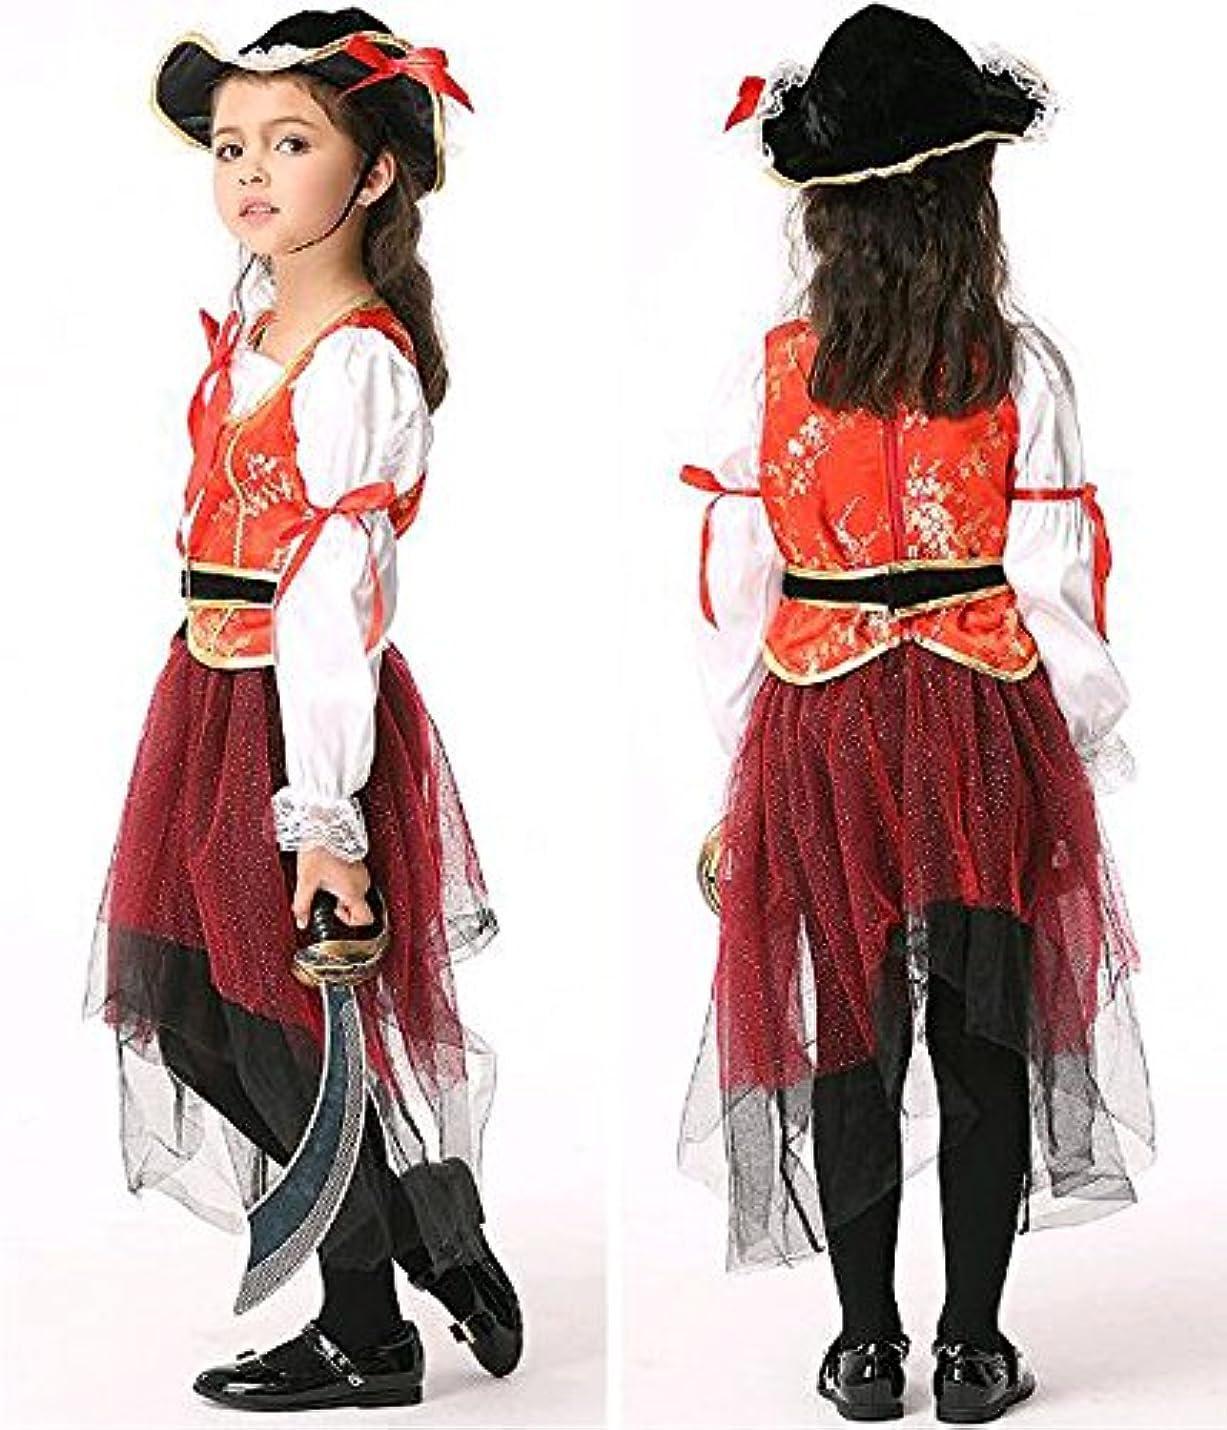 プライム縮れたそのようなハロウィン仮装服/コスプレ/コスチューム/舞台衣装/海賊子供用 (Sサイズ, レッド)